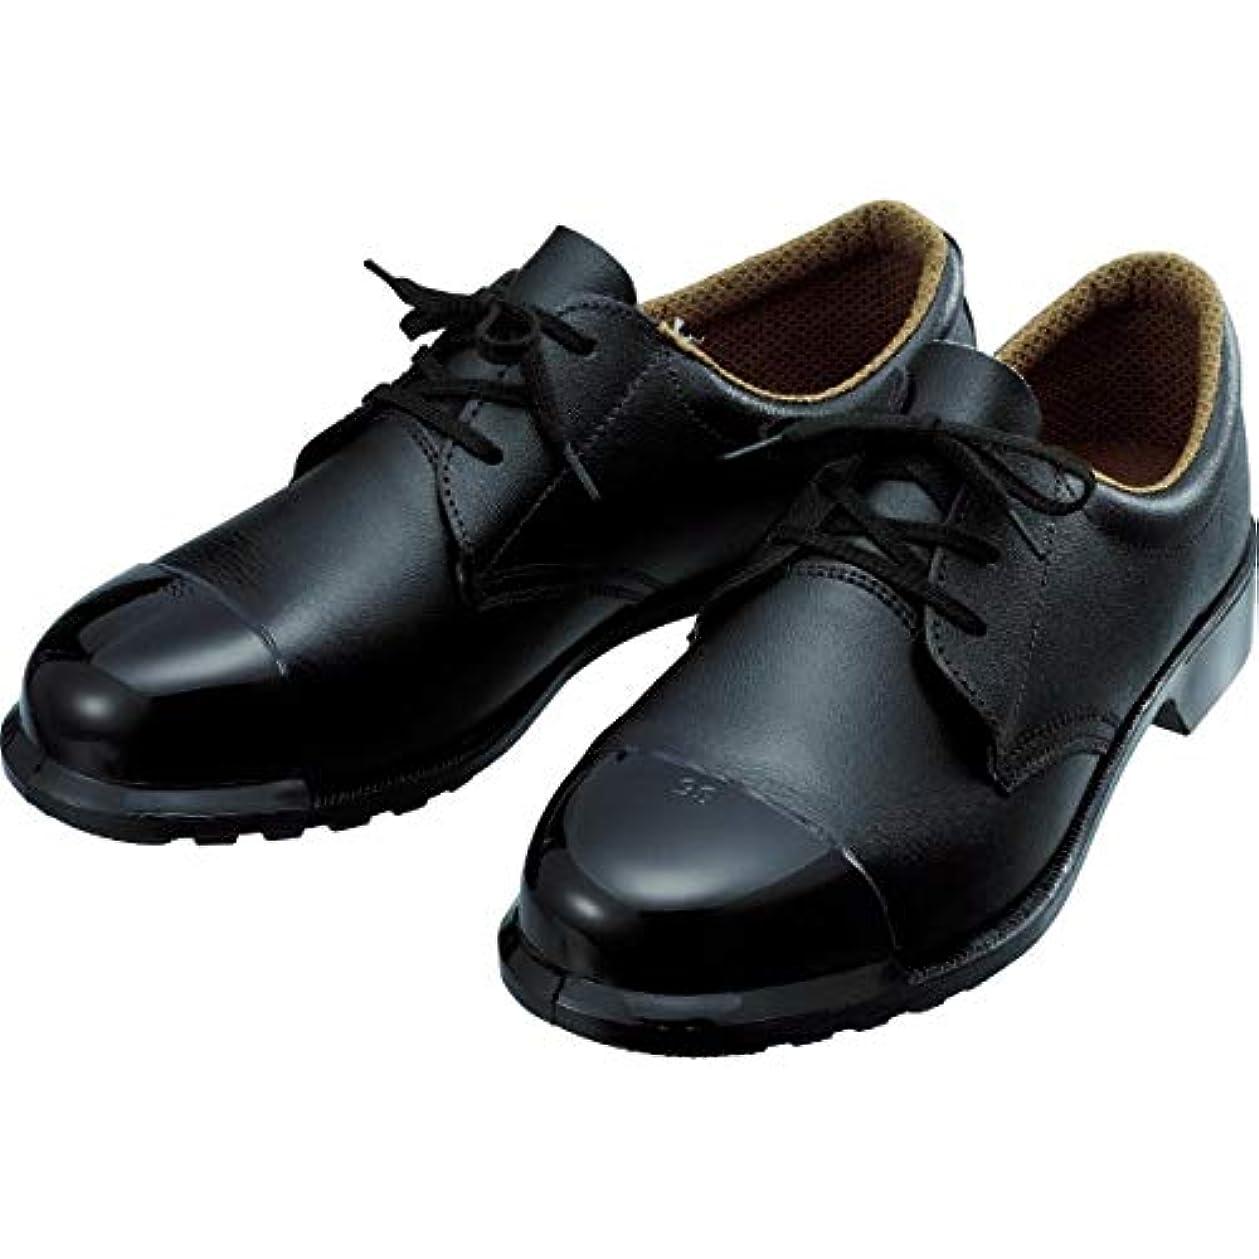 伝記即席パスポートシモン/シモン 安全靴 短靴 FD11OS 24.5cm(3880559) FD11OS-24.5 [その他] [その他]